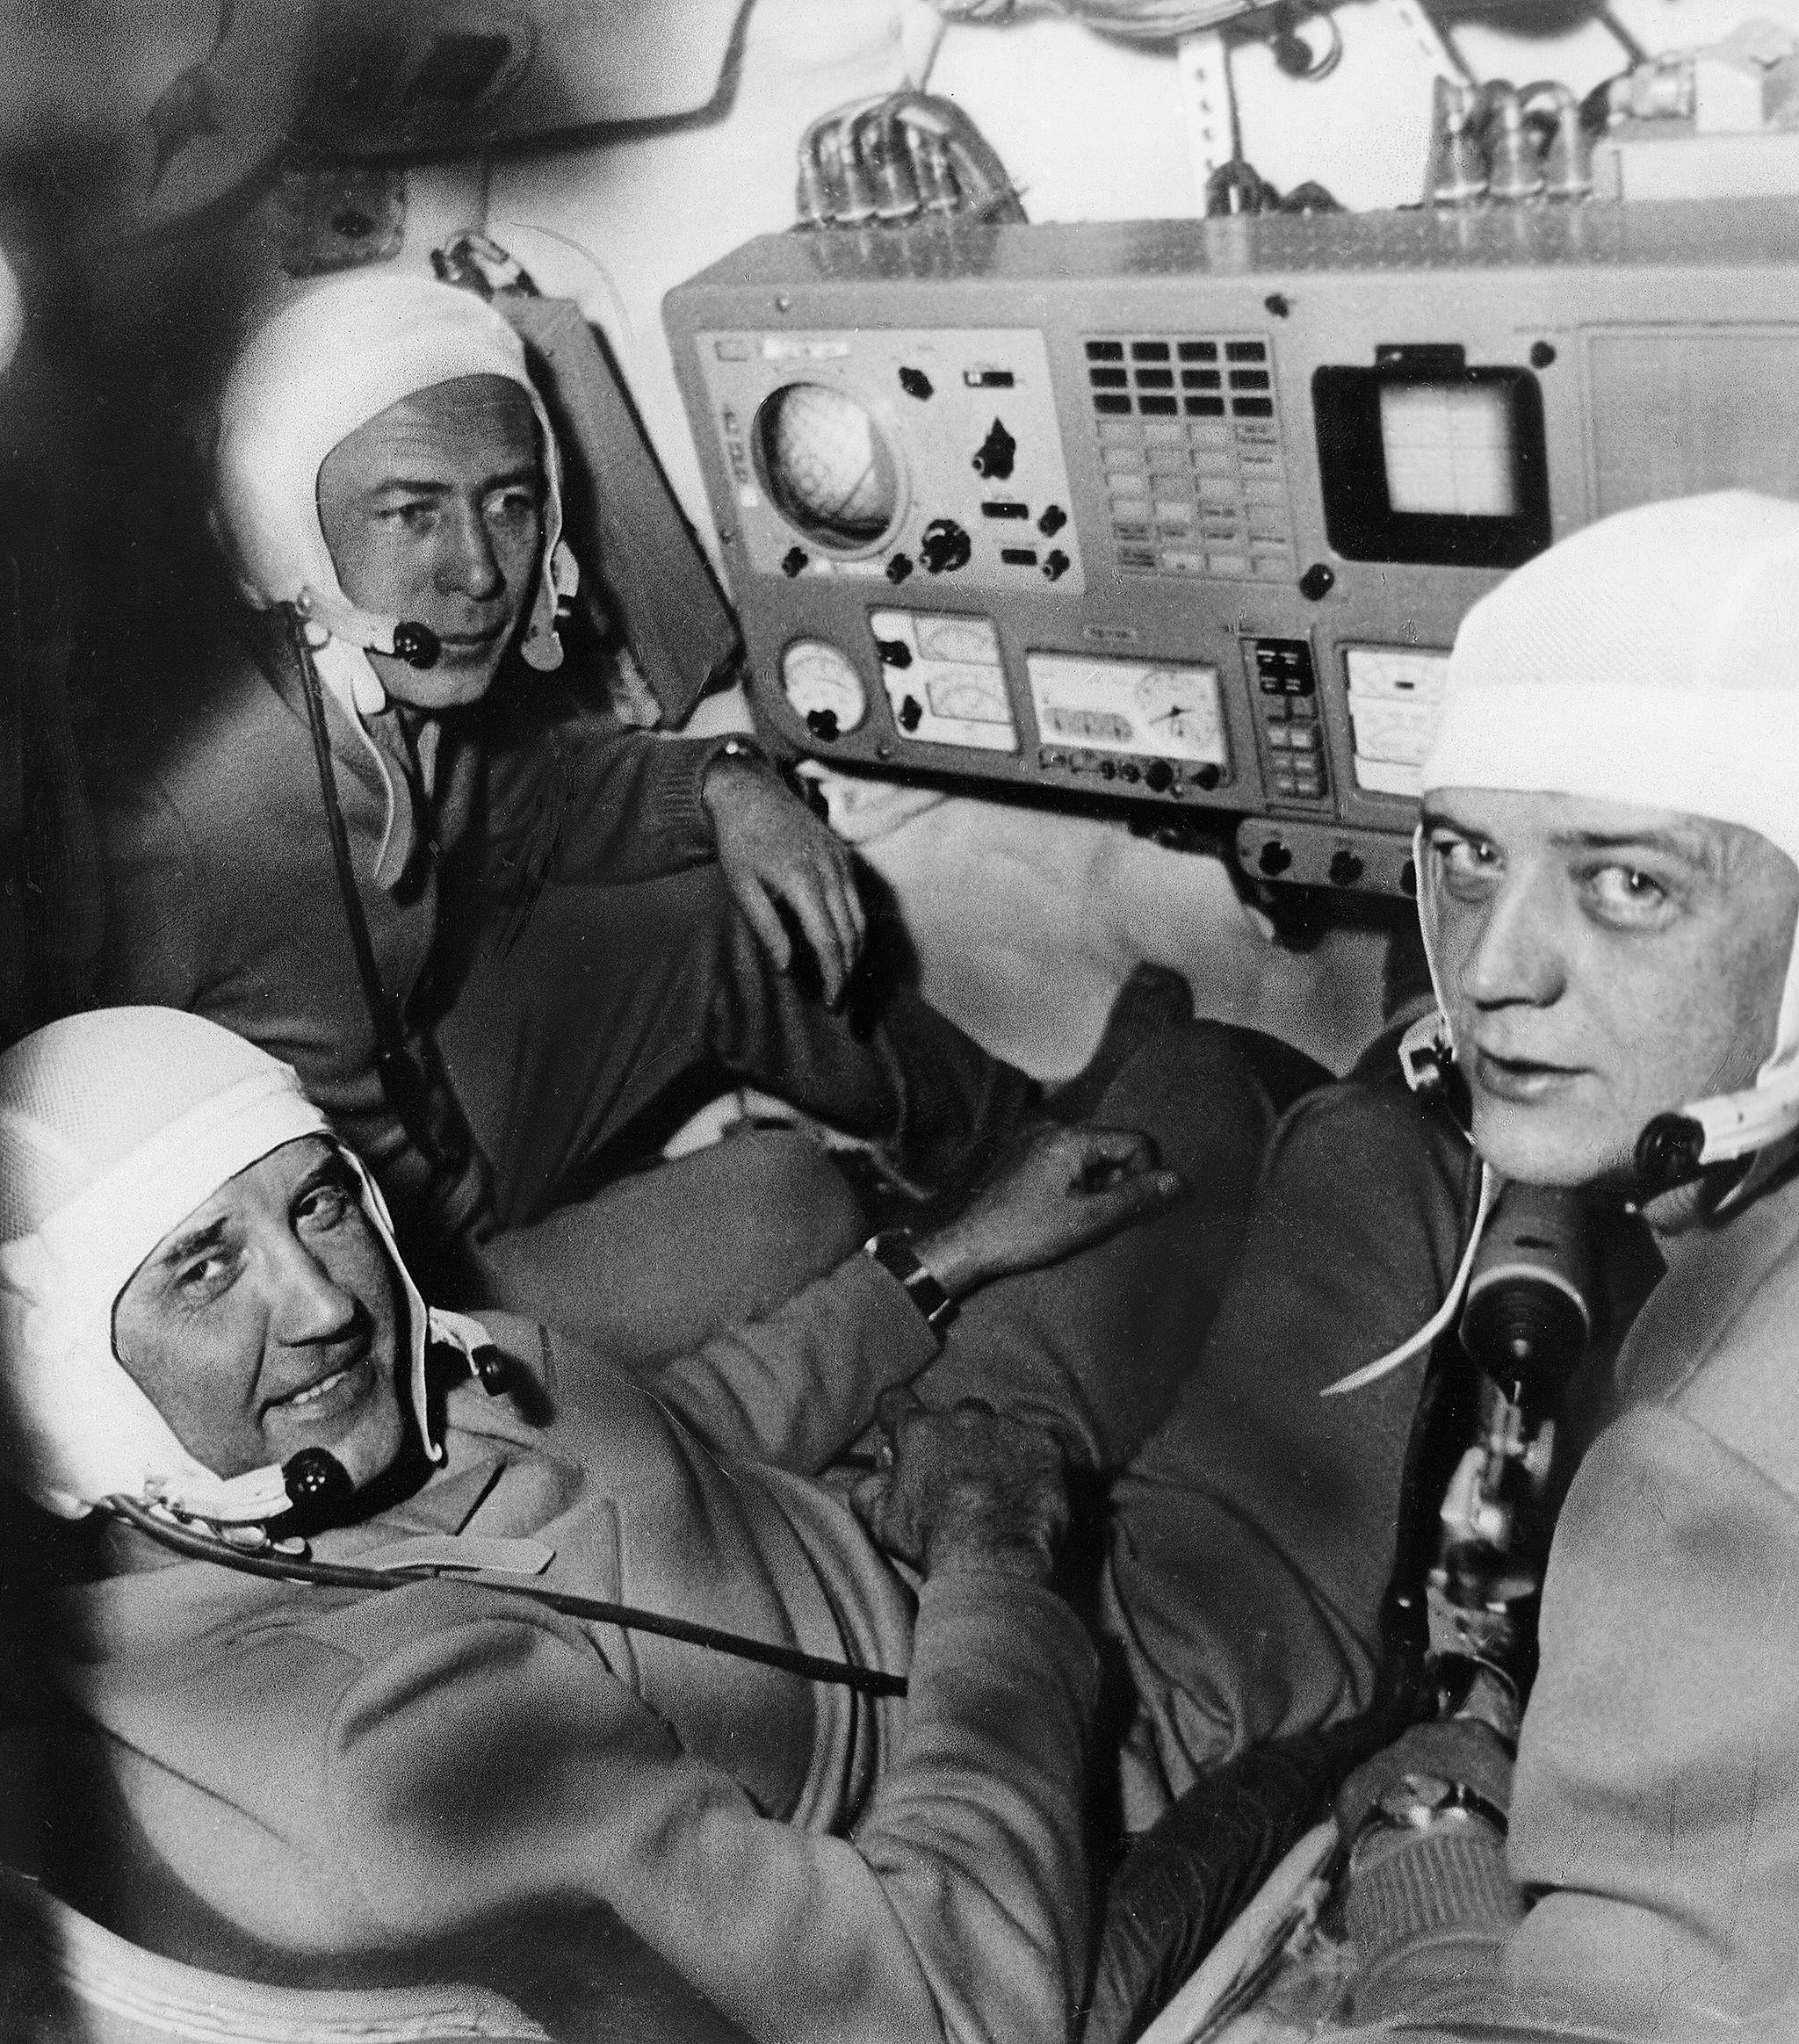 Georgui Dobrovolski, Vladislav Vólkov y Viktor Patsayev, tripulantes de la Soyuz 11, estrenaron la estación Salyut 1 y murieron durante el regreso, tras estar 23 días